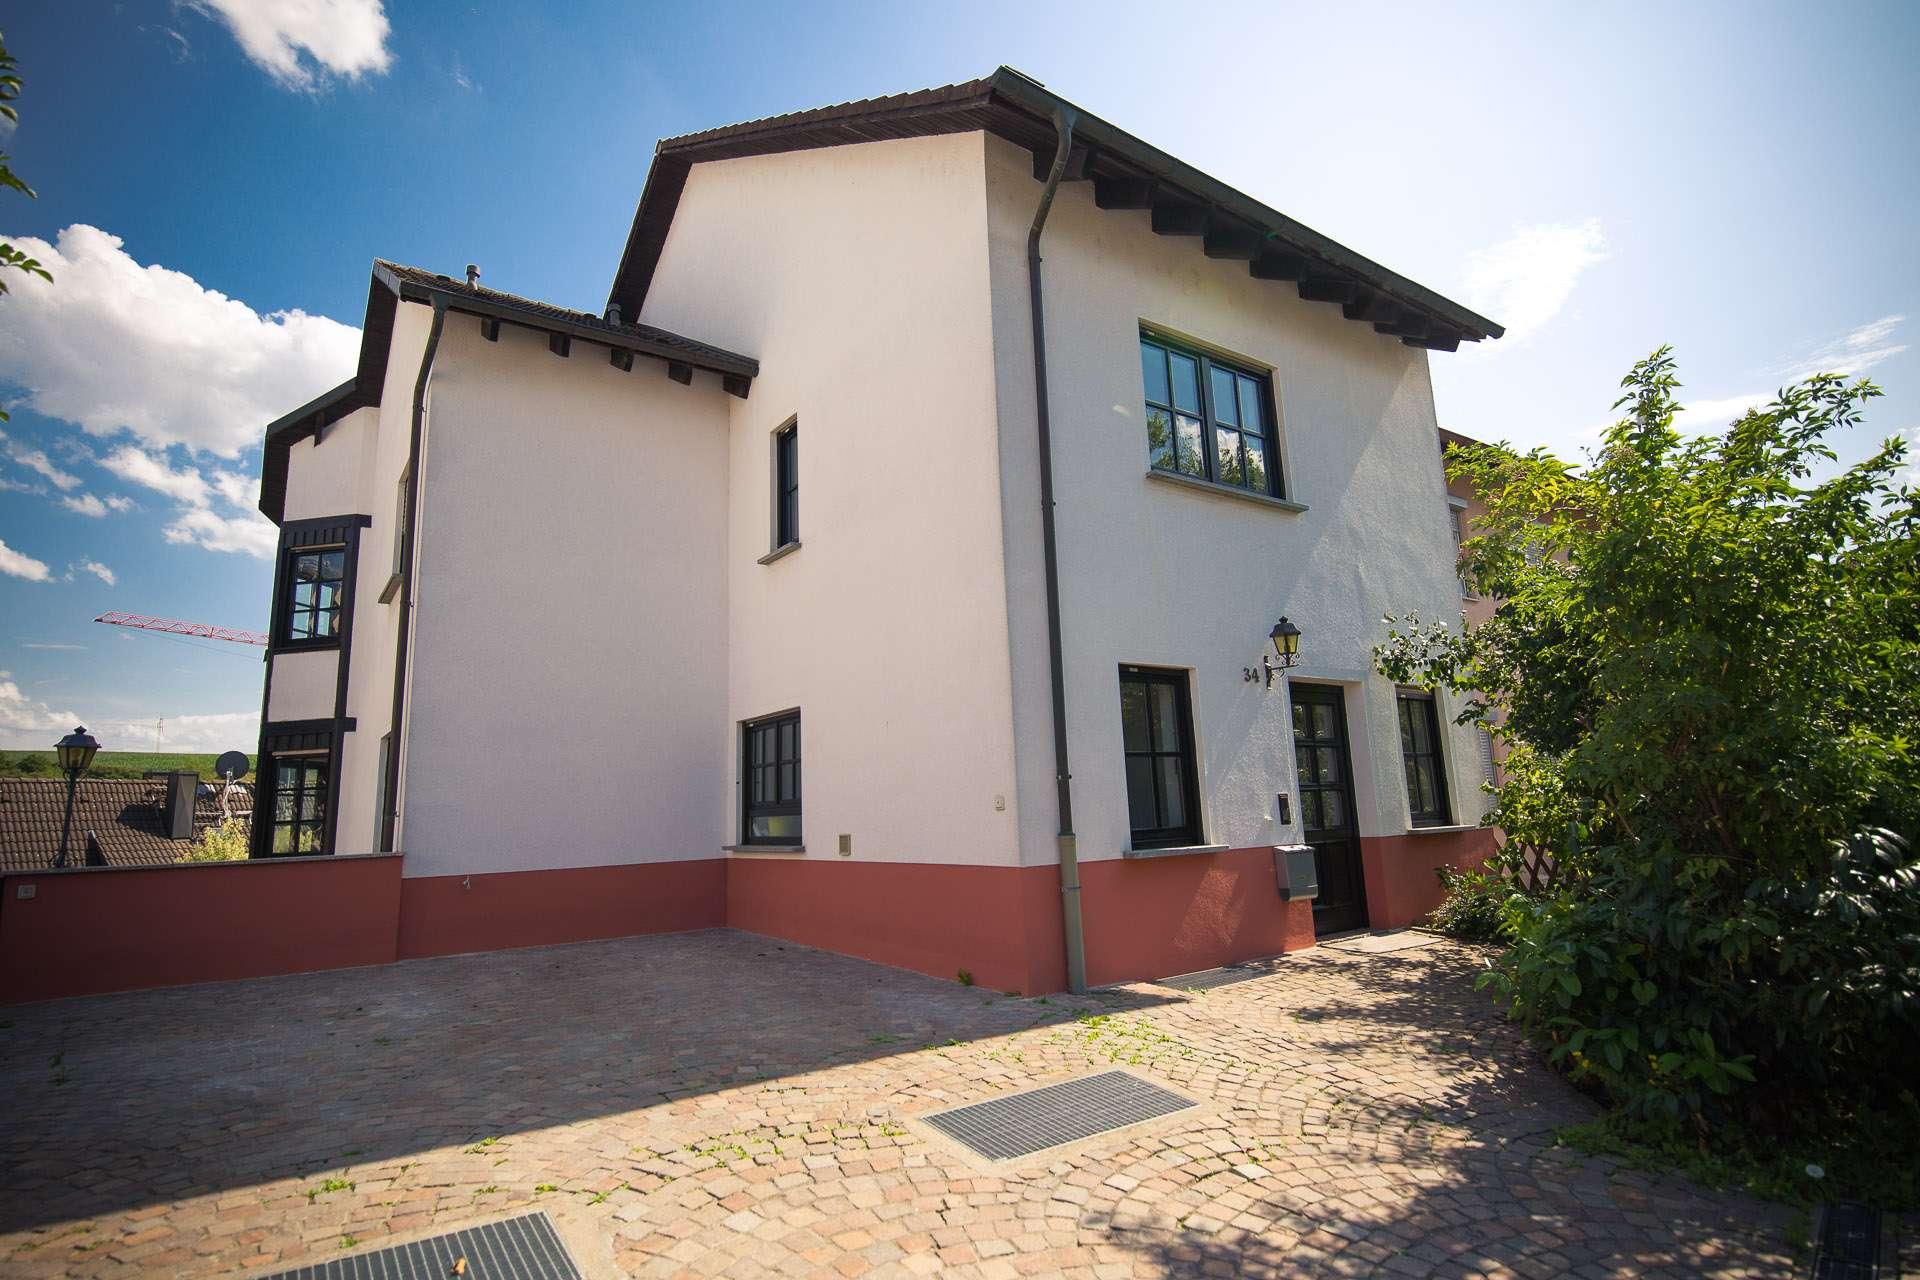 Schönes Einfamilienhaus in verkehrsberuhigter Lage - von privat in